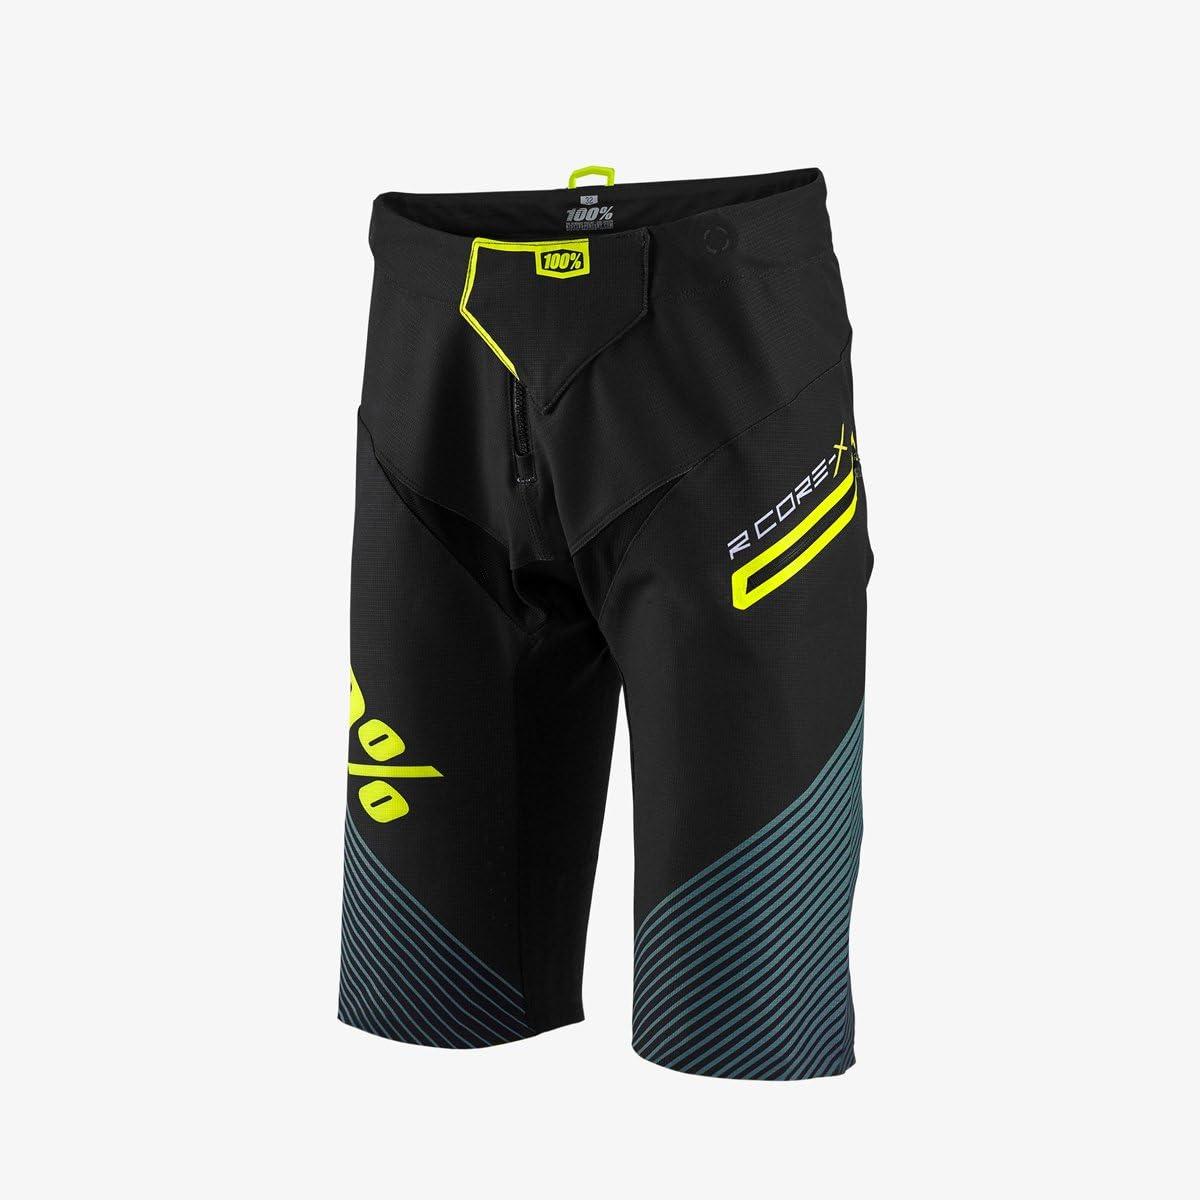 Image of Active Shorts 100% R-Core X DH Short - Men's